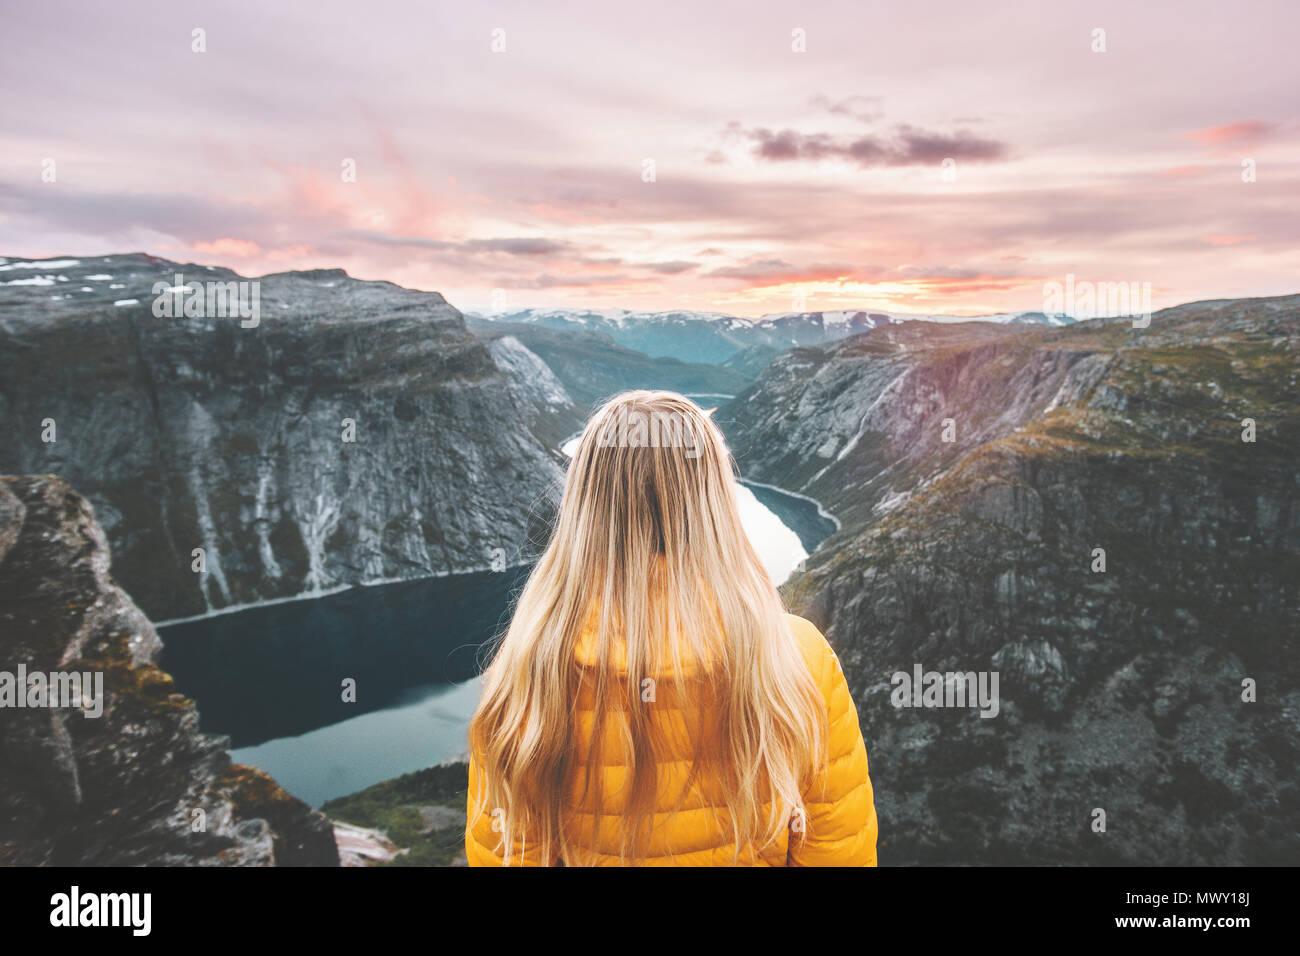 Mujer que viaja sola disfrutando del atardecer paisaje de las montañas viaje aventura escapada de fin de semana de vacaciones en el estilo de vida Noruega antena paisaje del lago Foto de stock